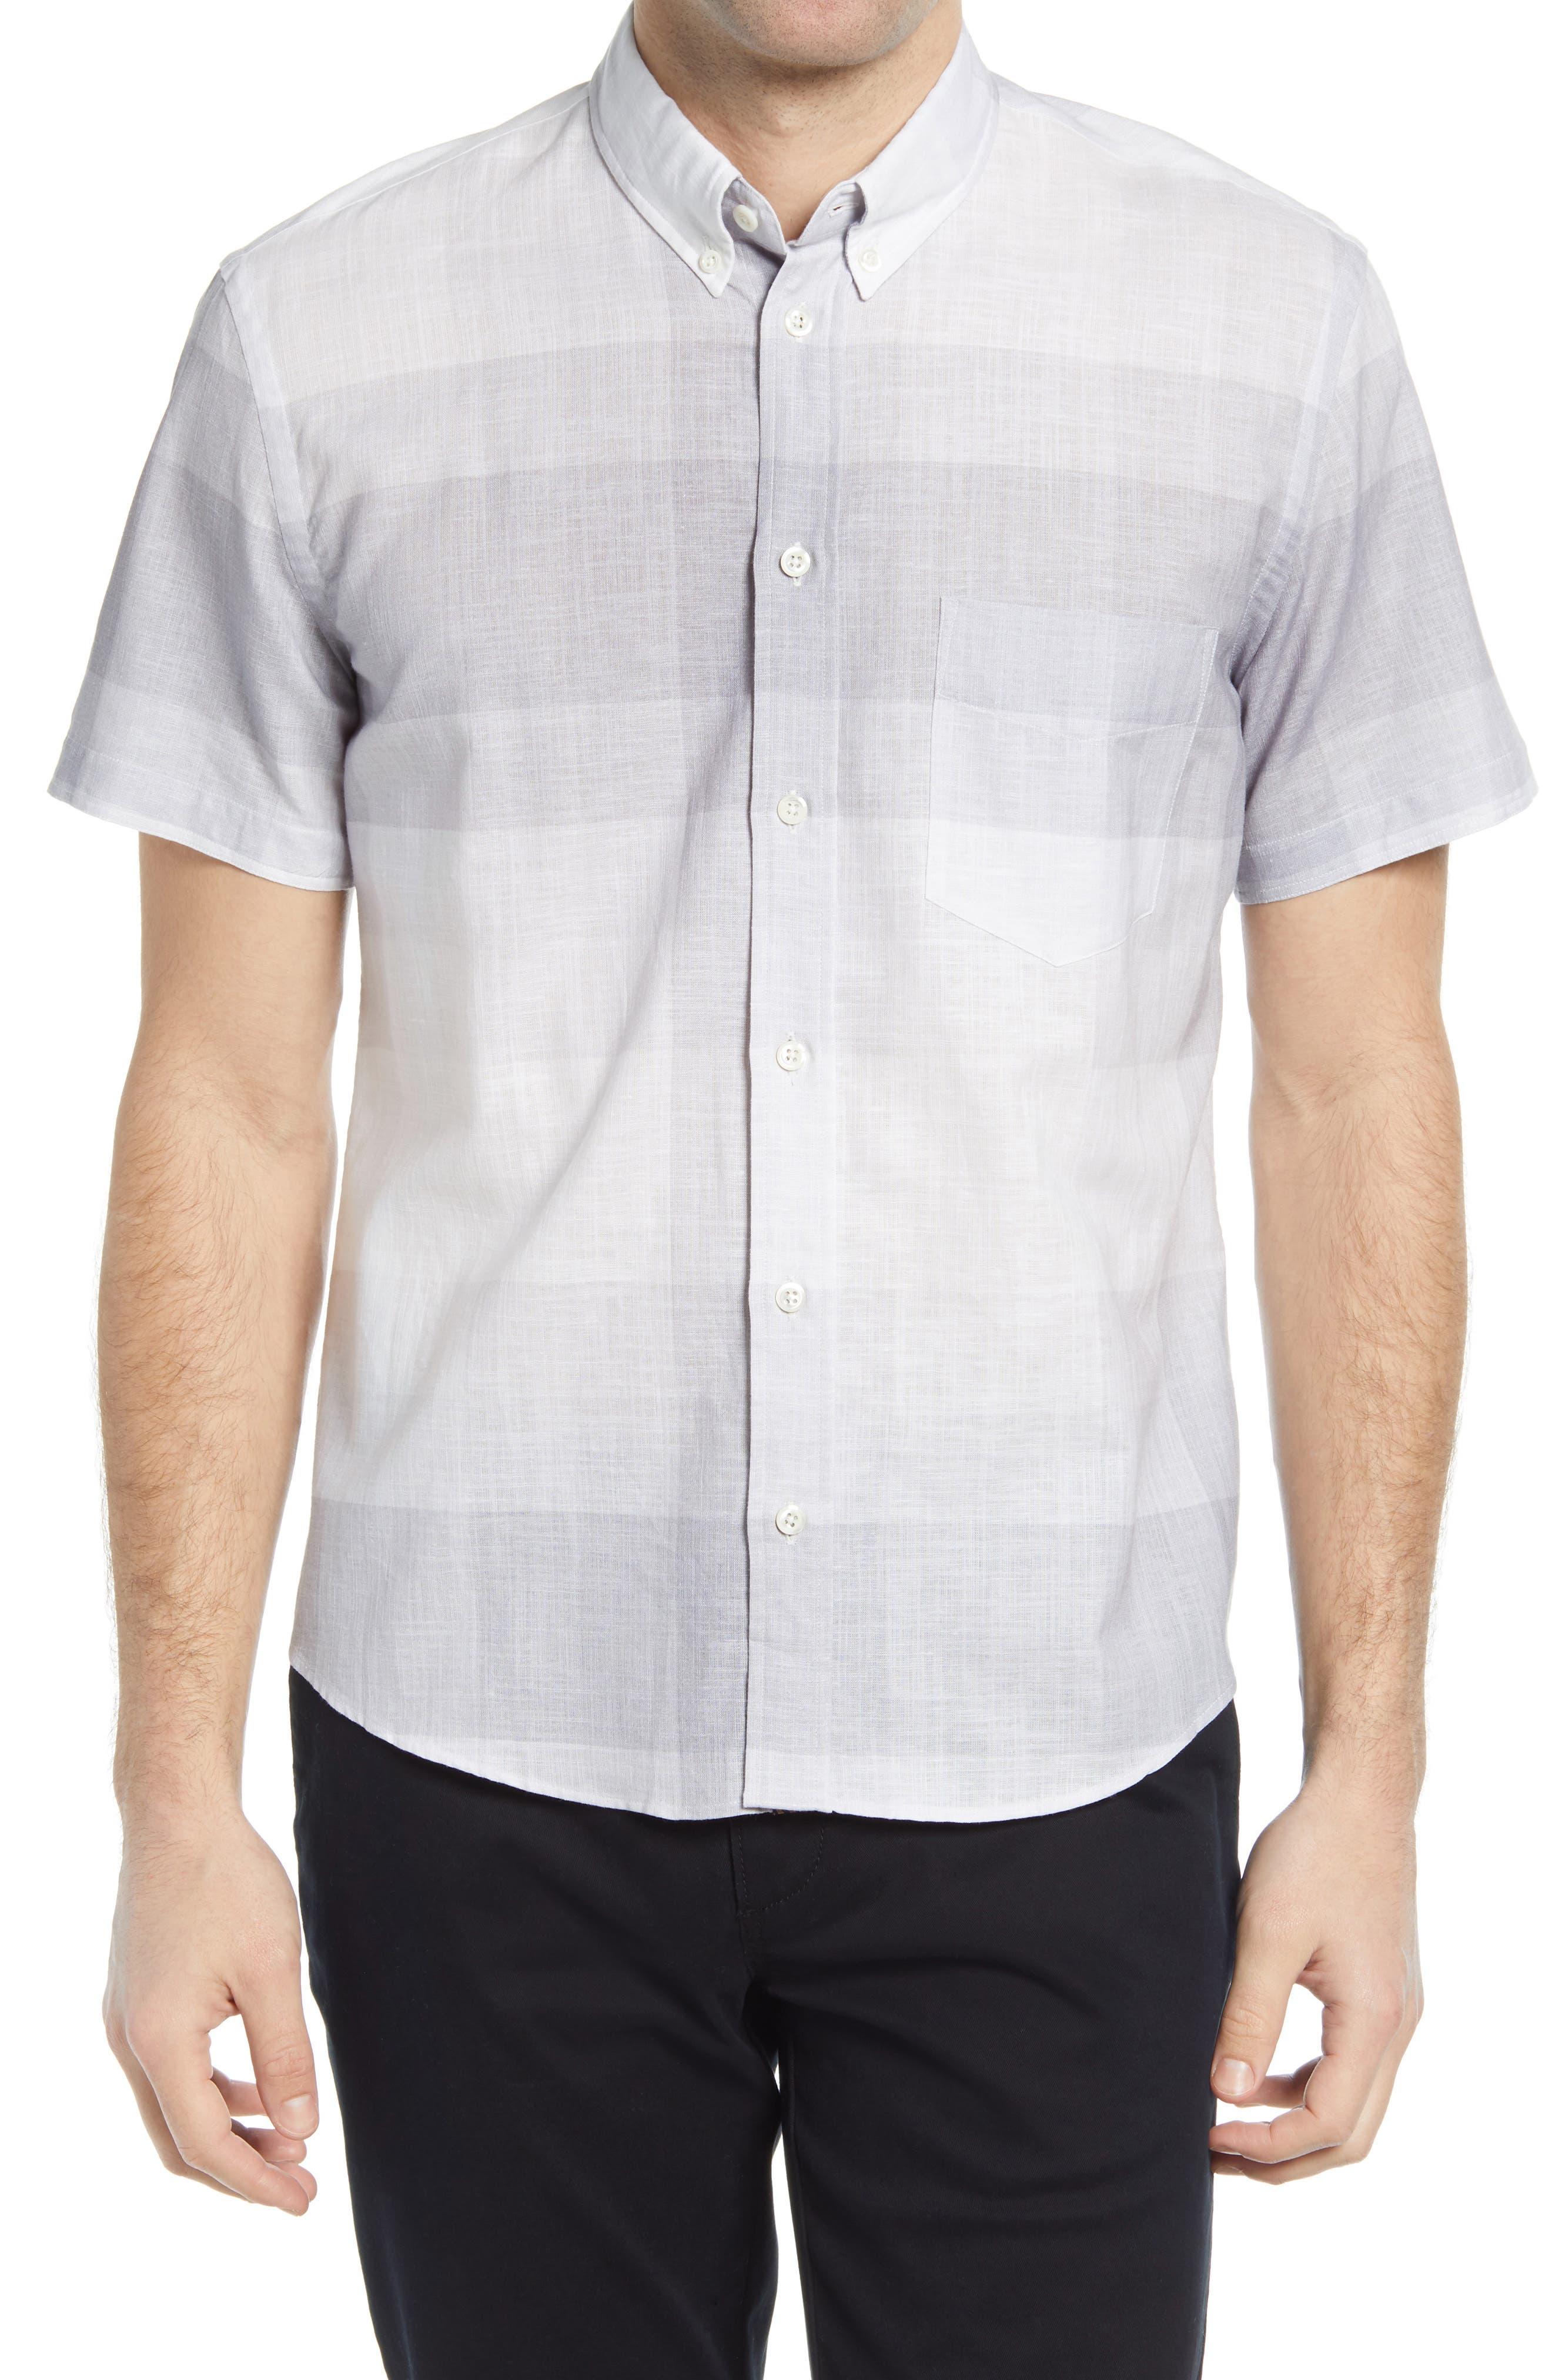 Kirby Plaid Cotton & Linen Short Sleeve Button-Down Shirt